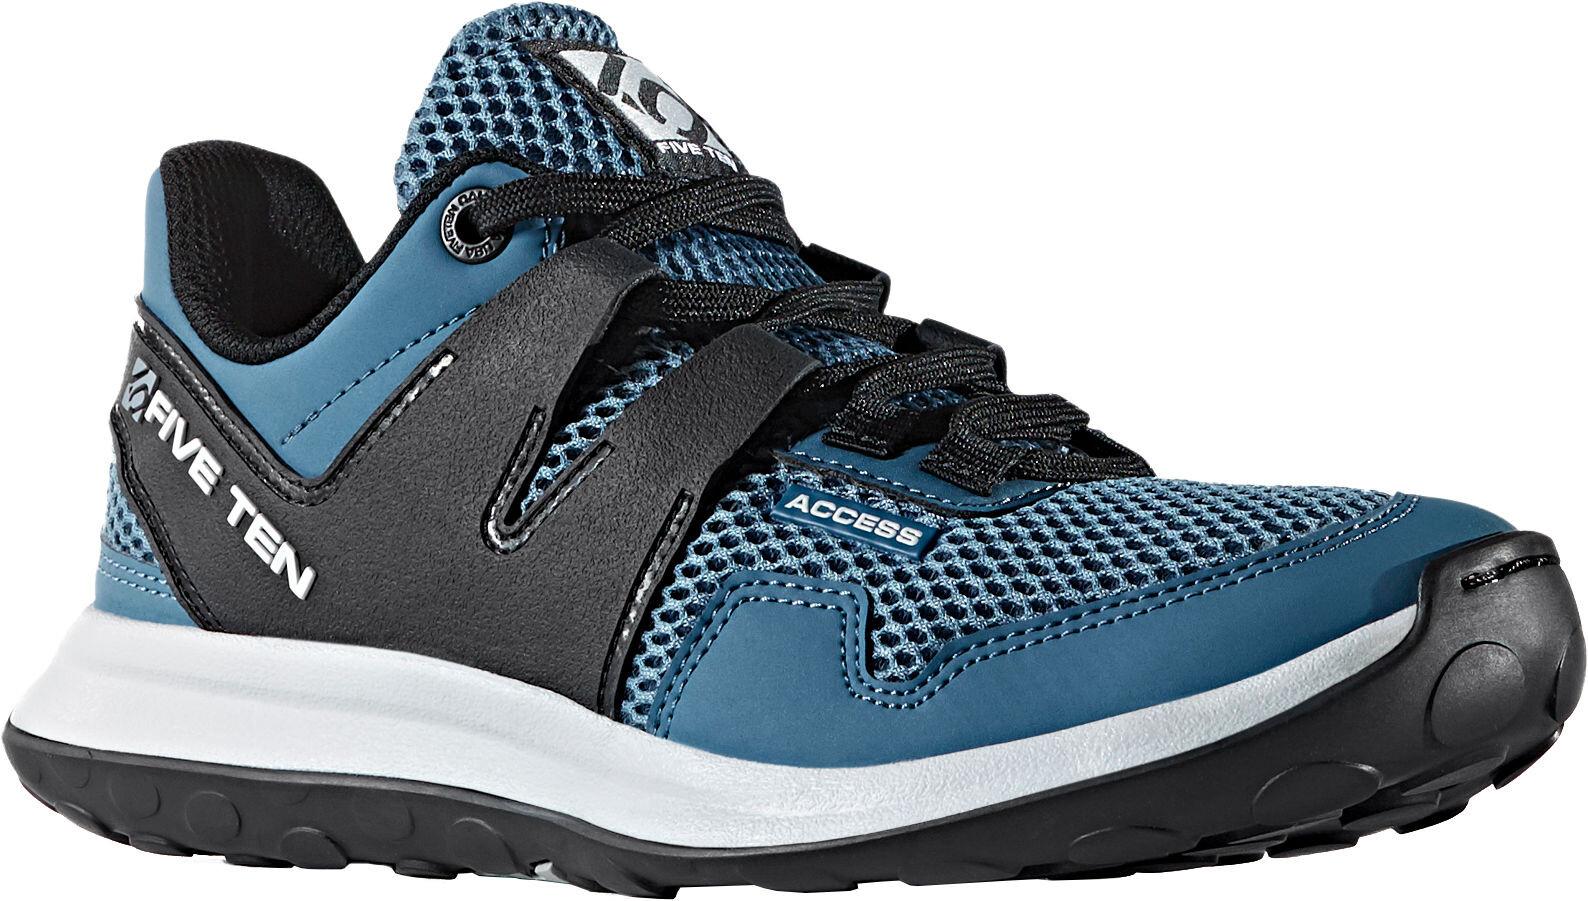 adidas Five Ten Access Mesh Shoes Women